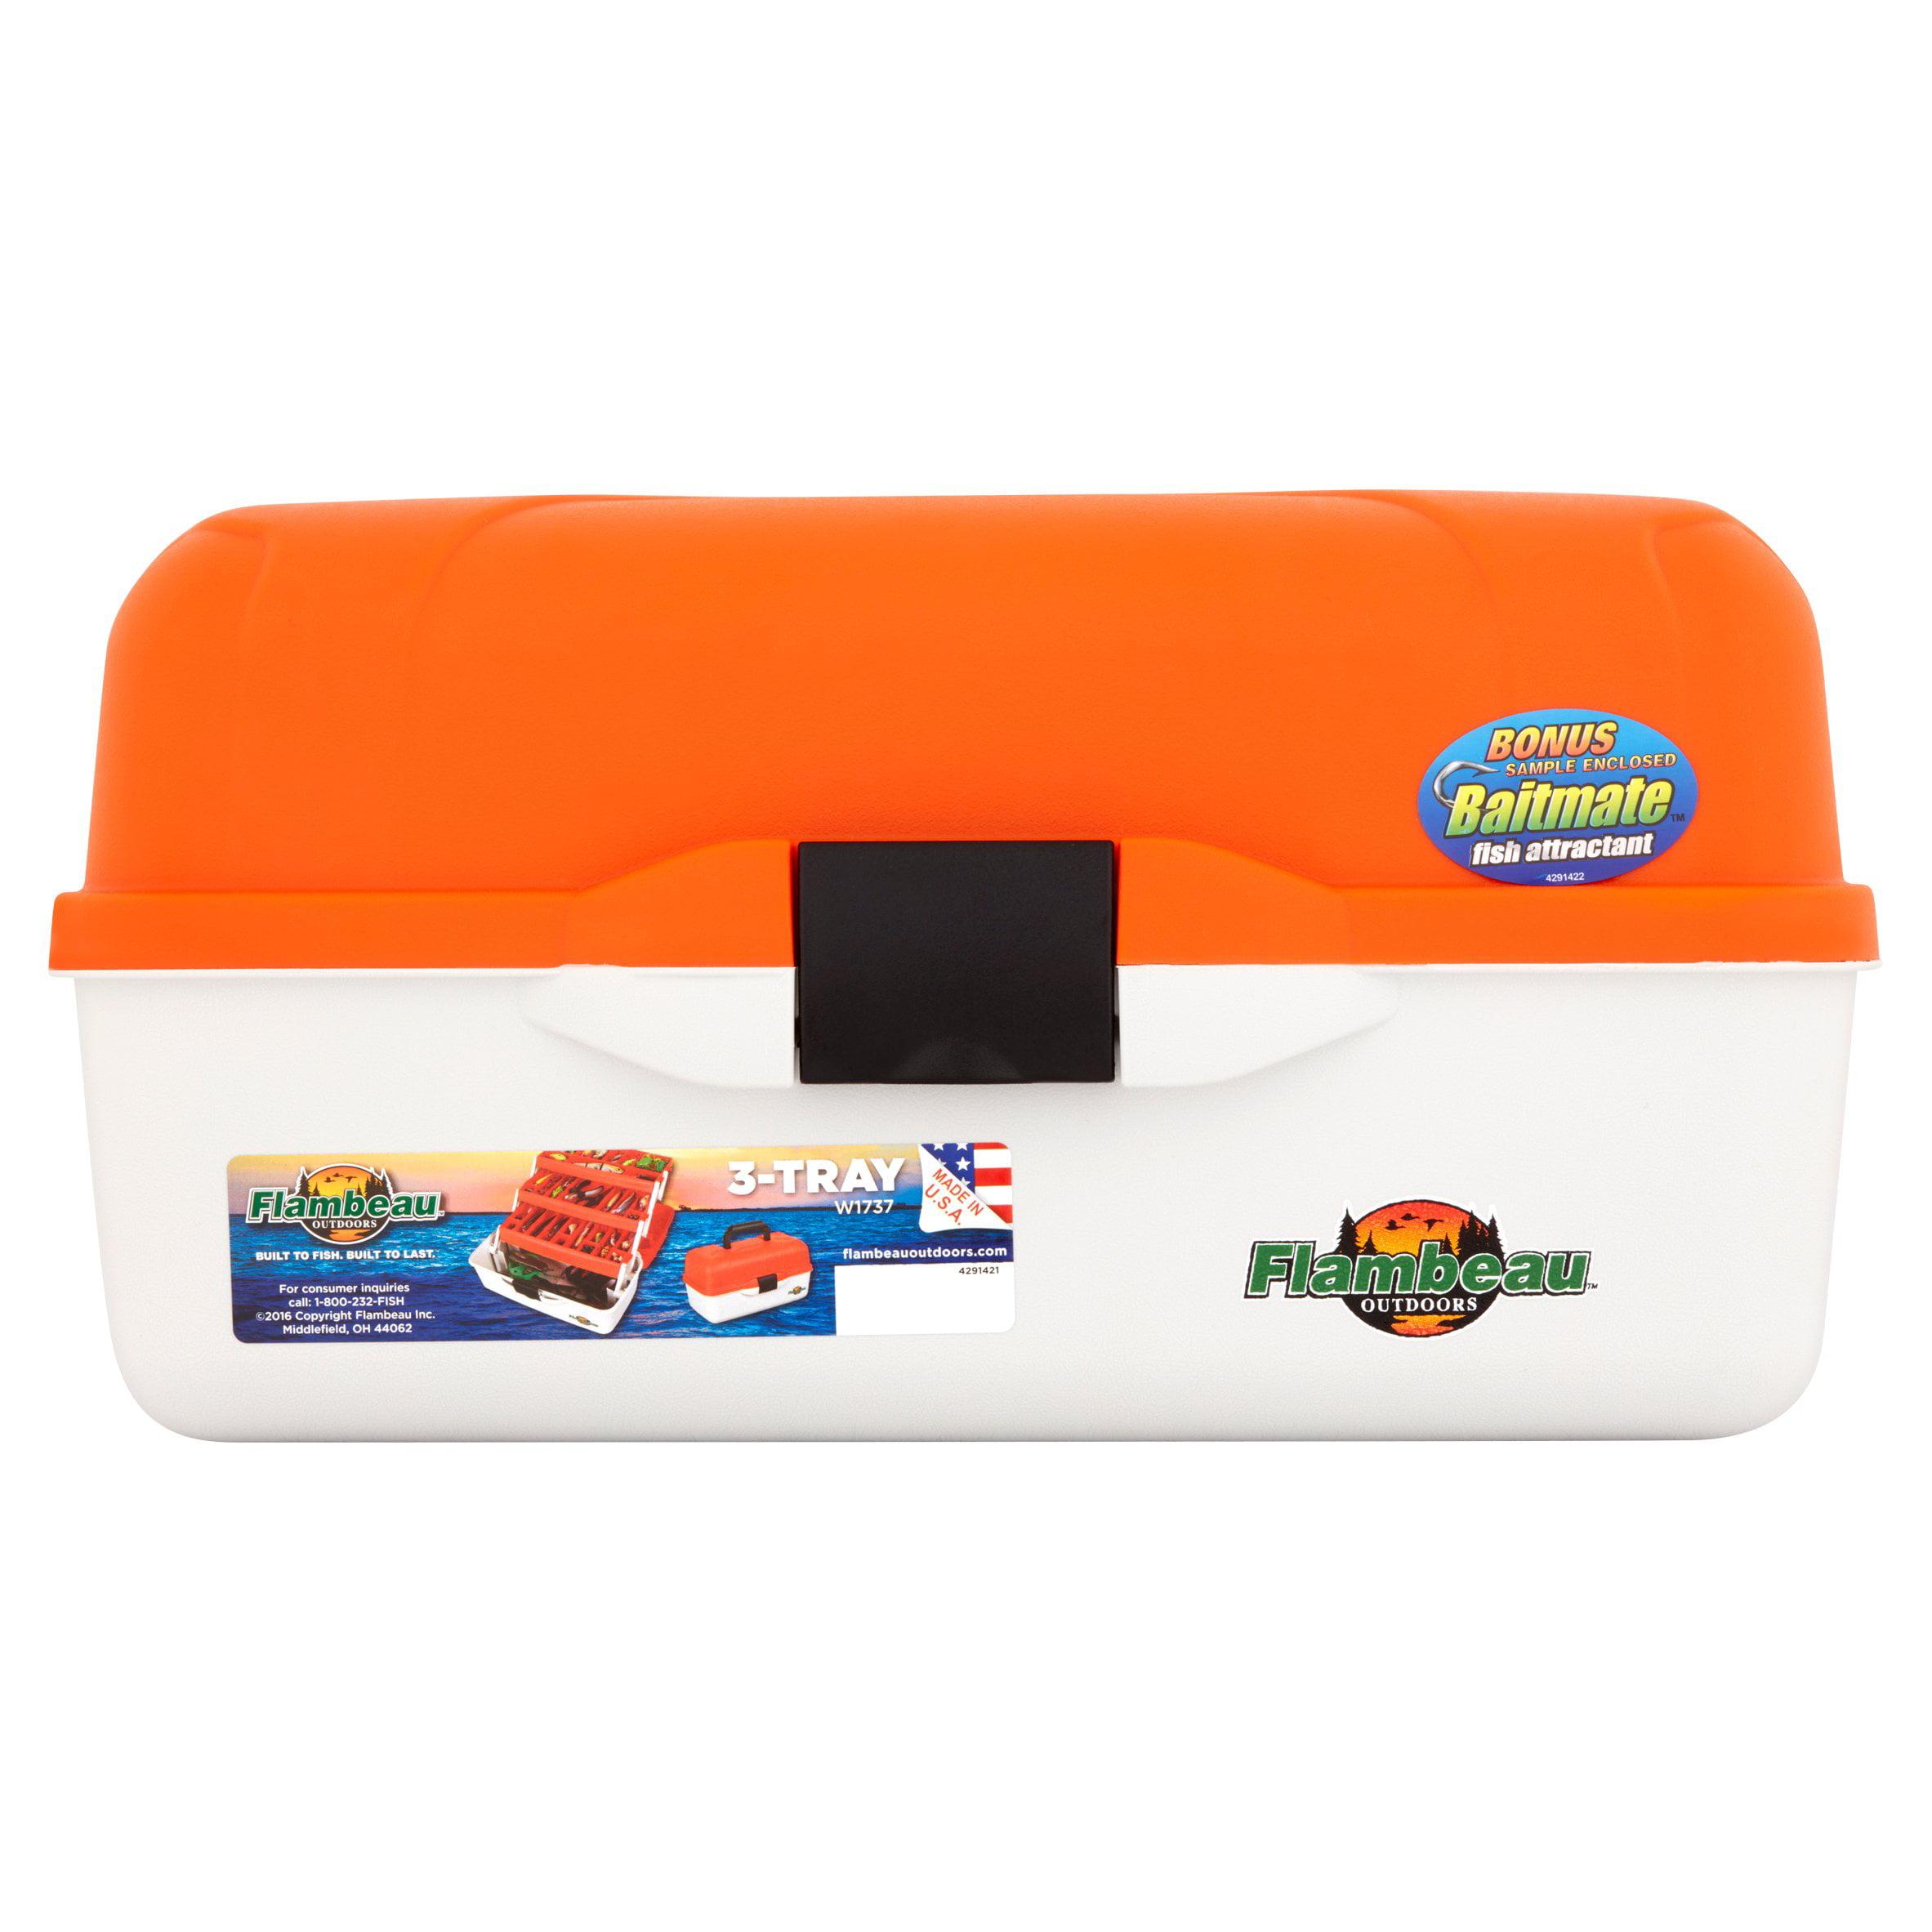 Flambeau Classic 3-Tray Tackle Box by Flambeau Inc.